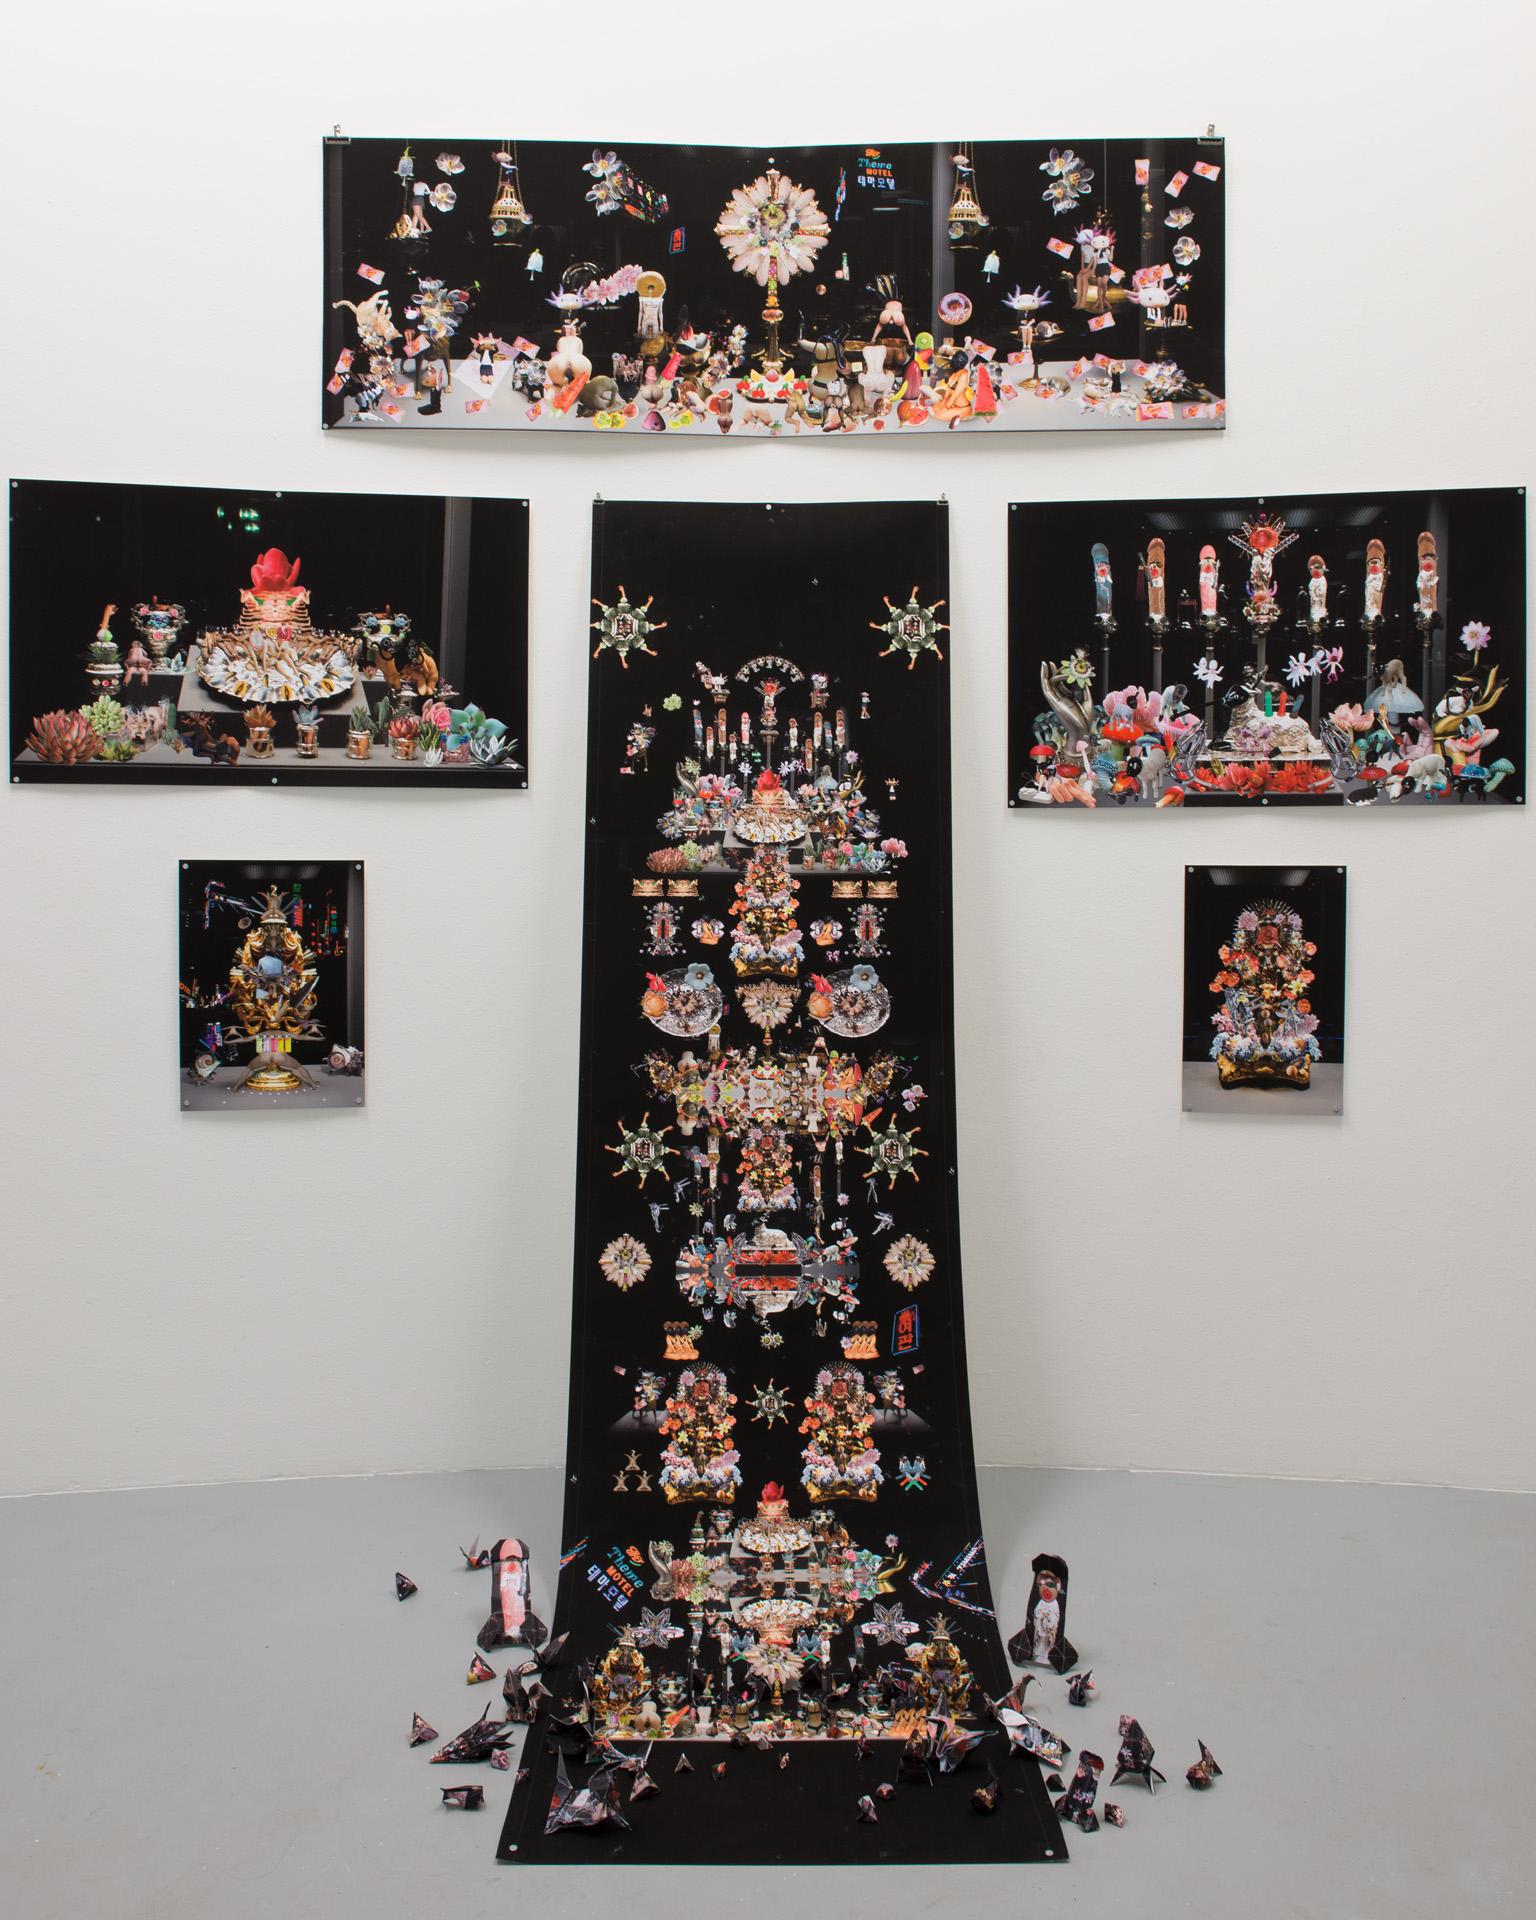 Agnus dei qui tollis peccata mundi_2016_installation at BAK, Utrecht, the Netherlands